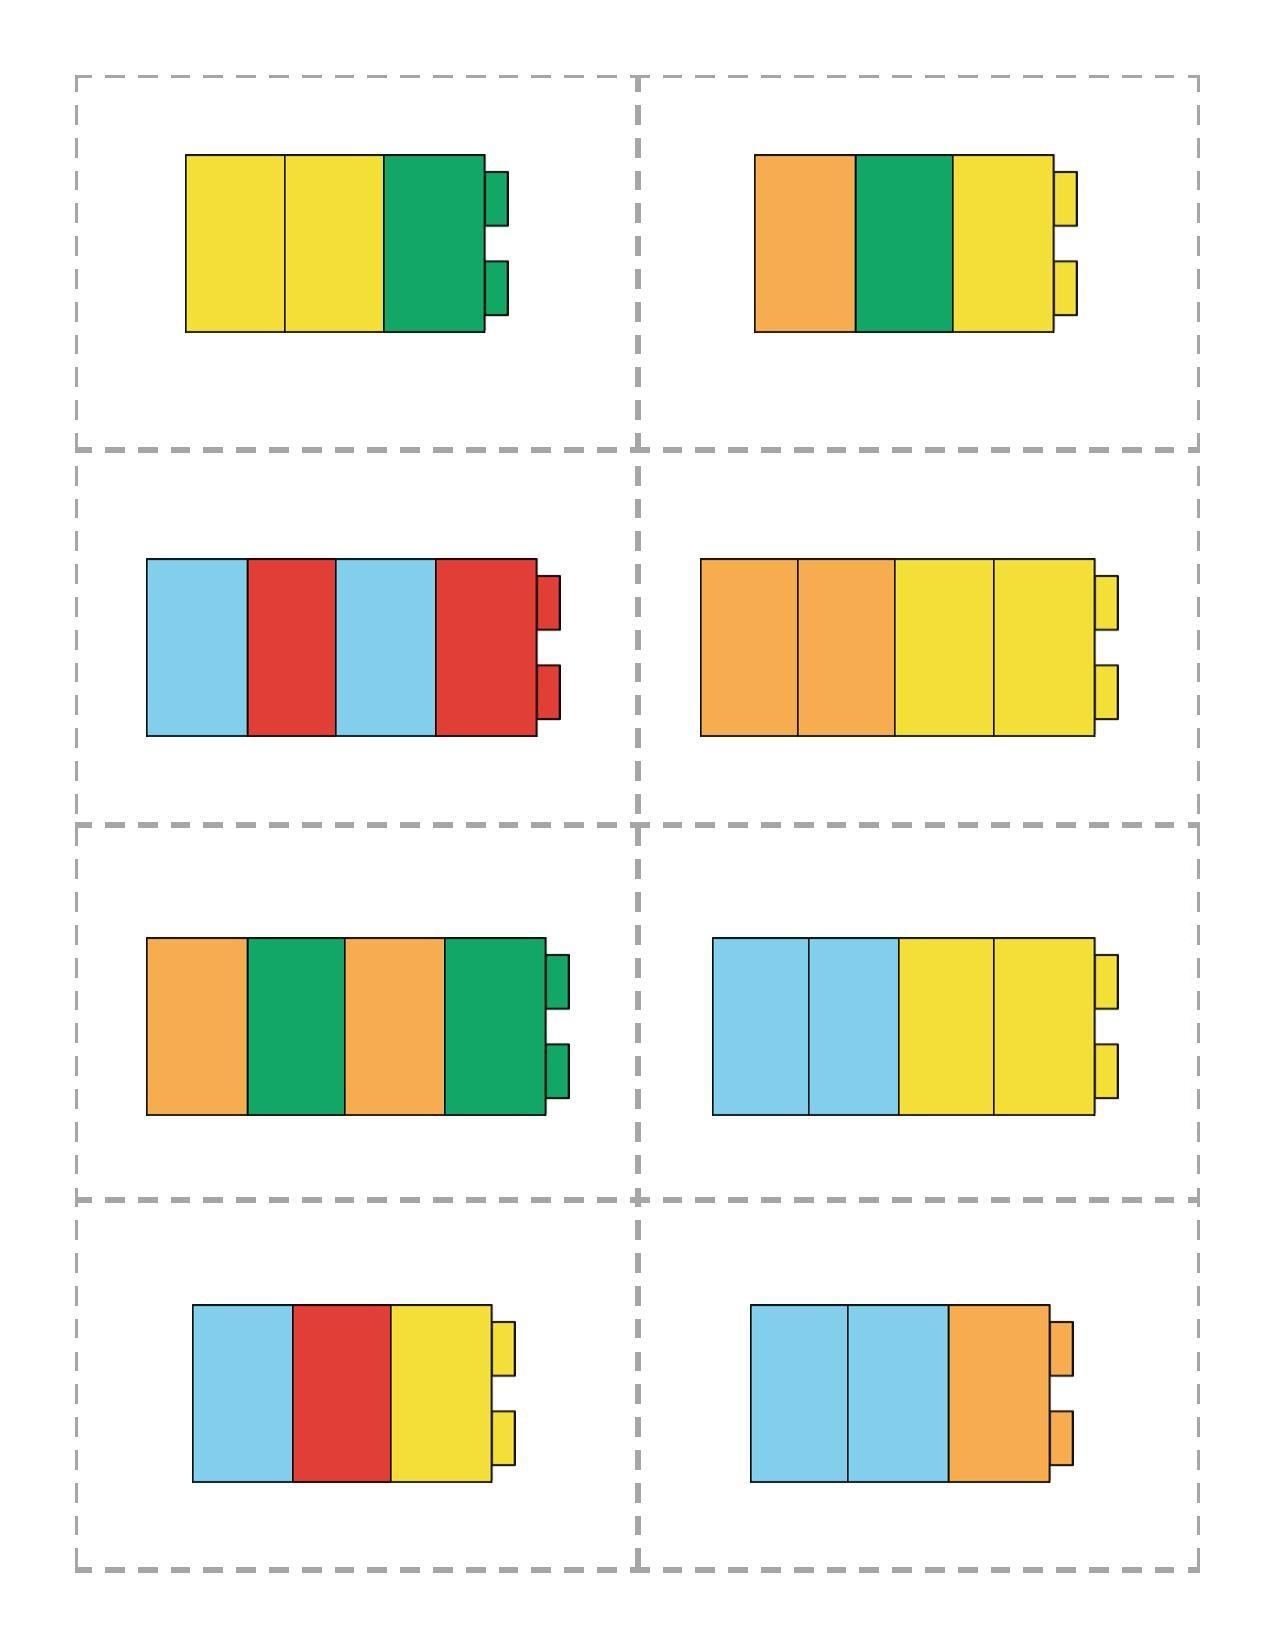 lego_örüntü_etkinlik_şablonu